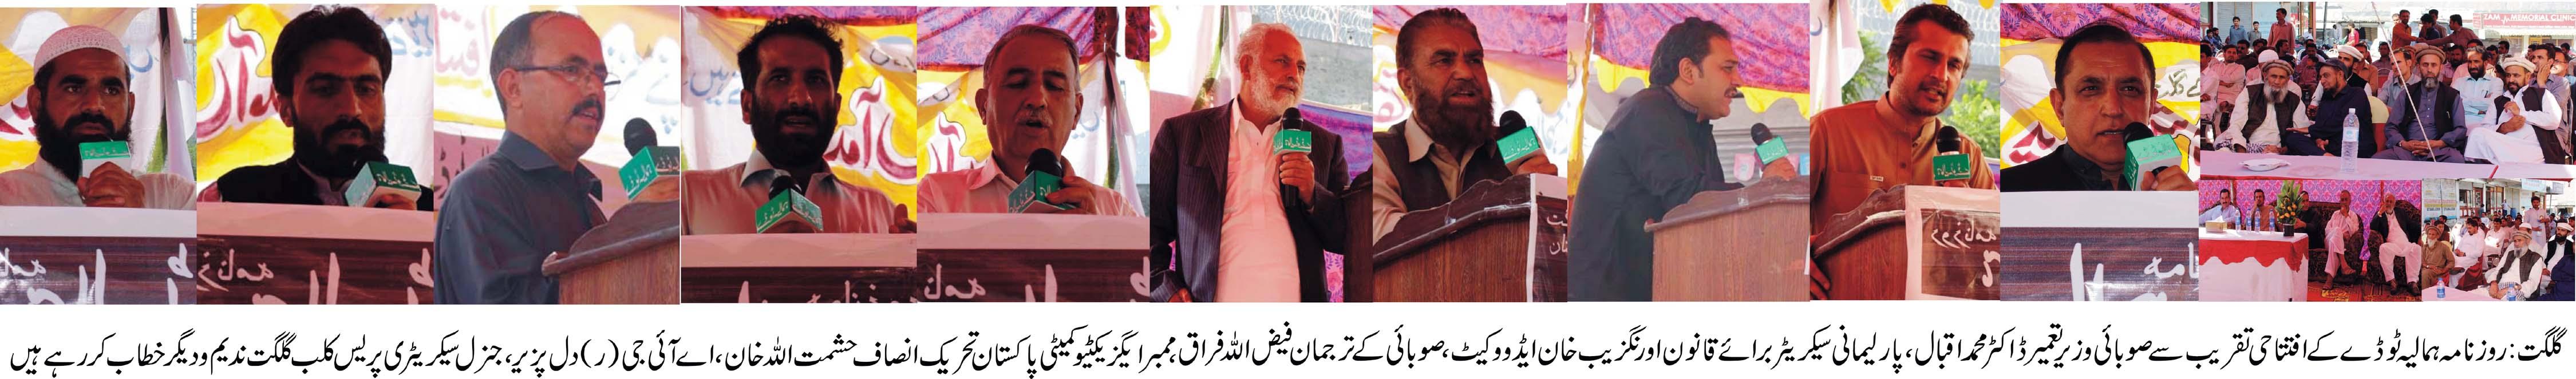 گلگت میں نئے روزنامہ 'ہمالیہ ٹوڈے' کی افتتاحی تقریب منعقد